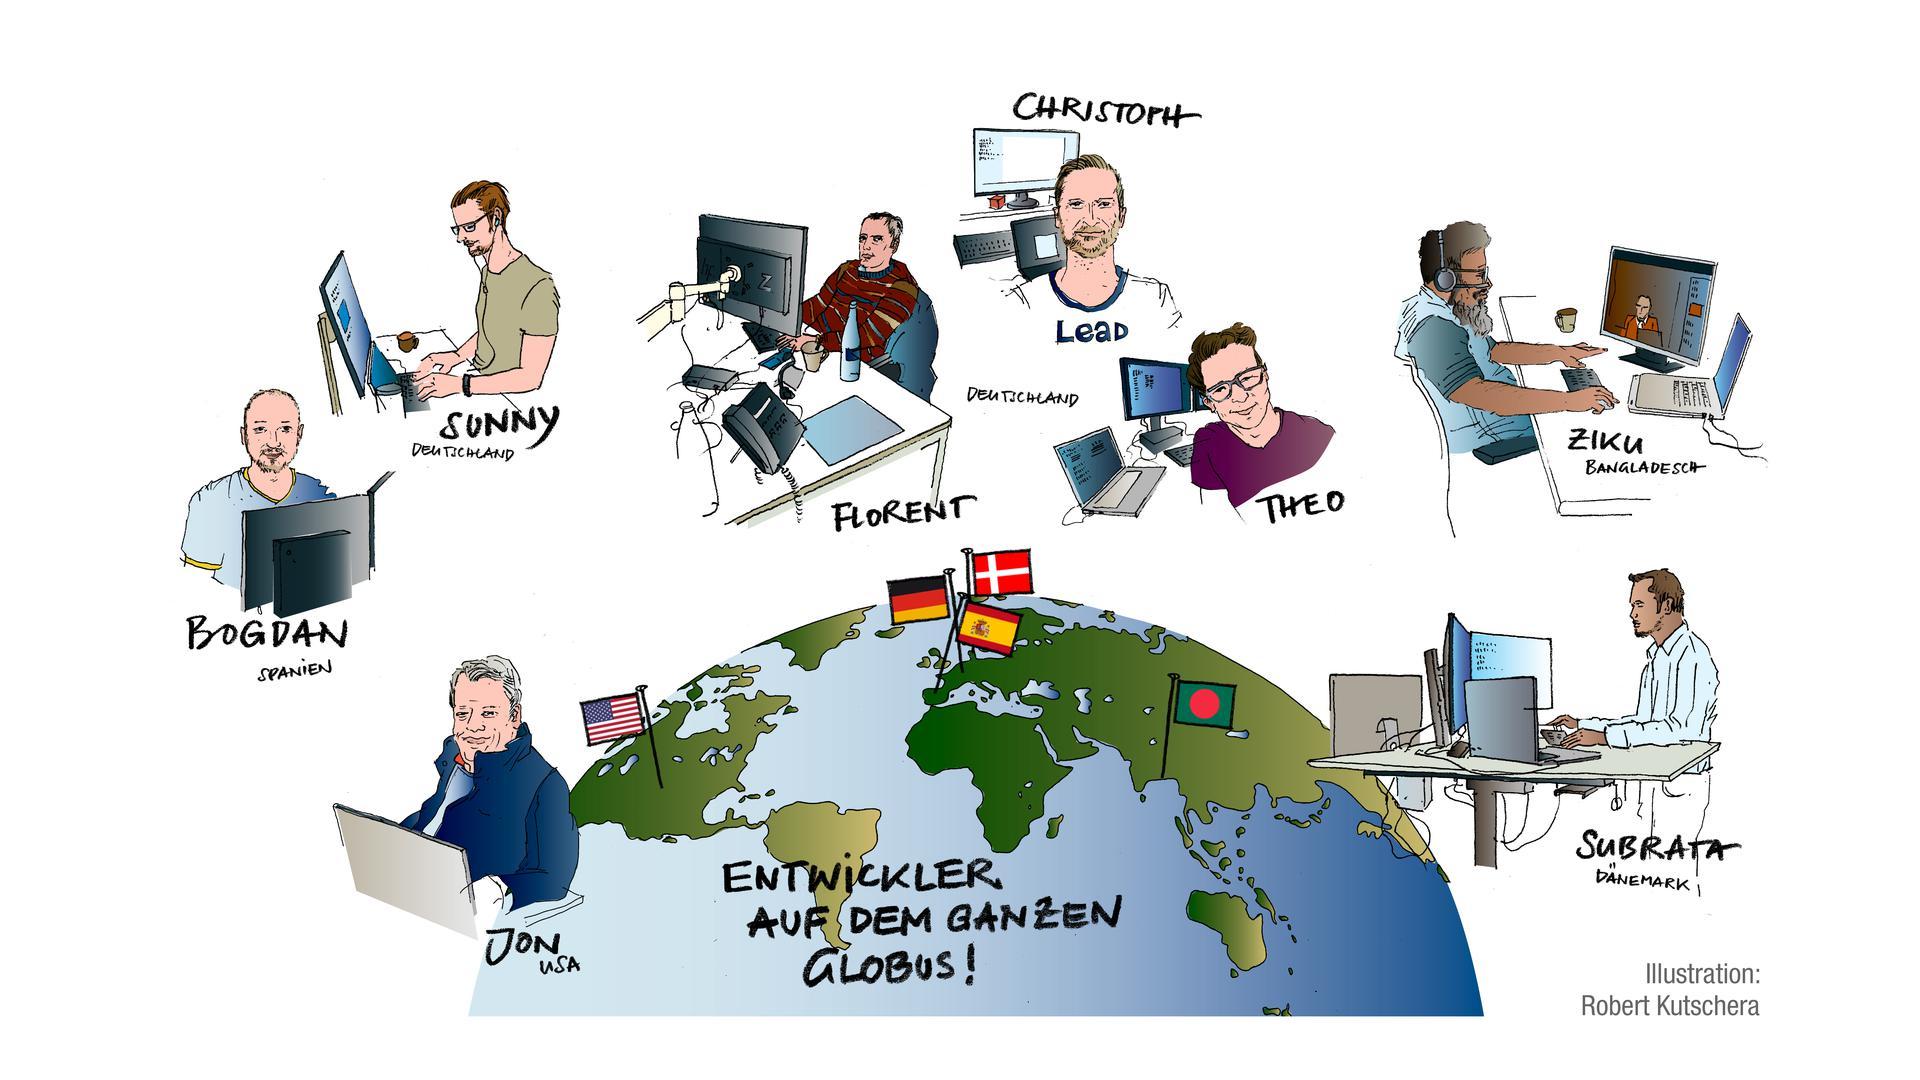 Auf der ganzen Welt zuhause: die Entwickler, die an bnn.de arbeiten.